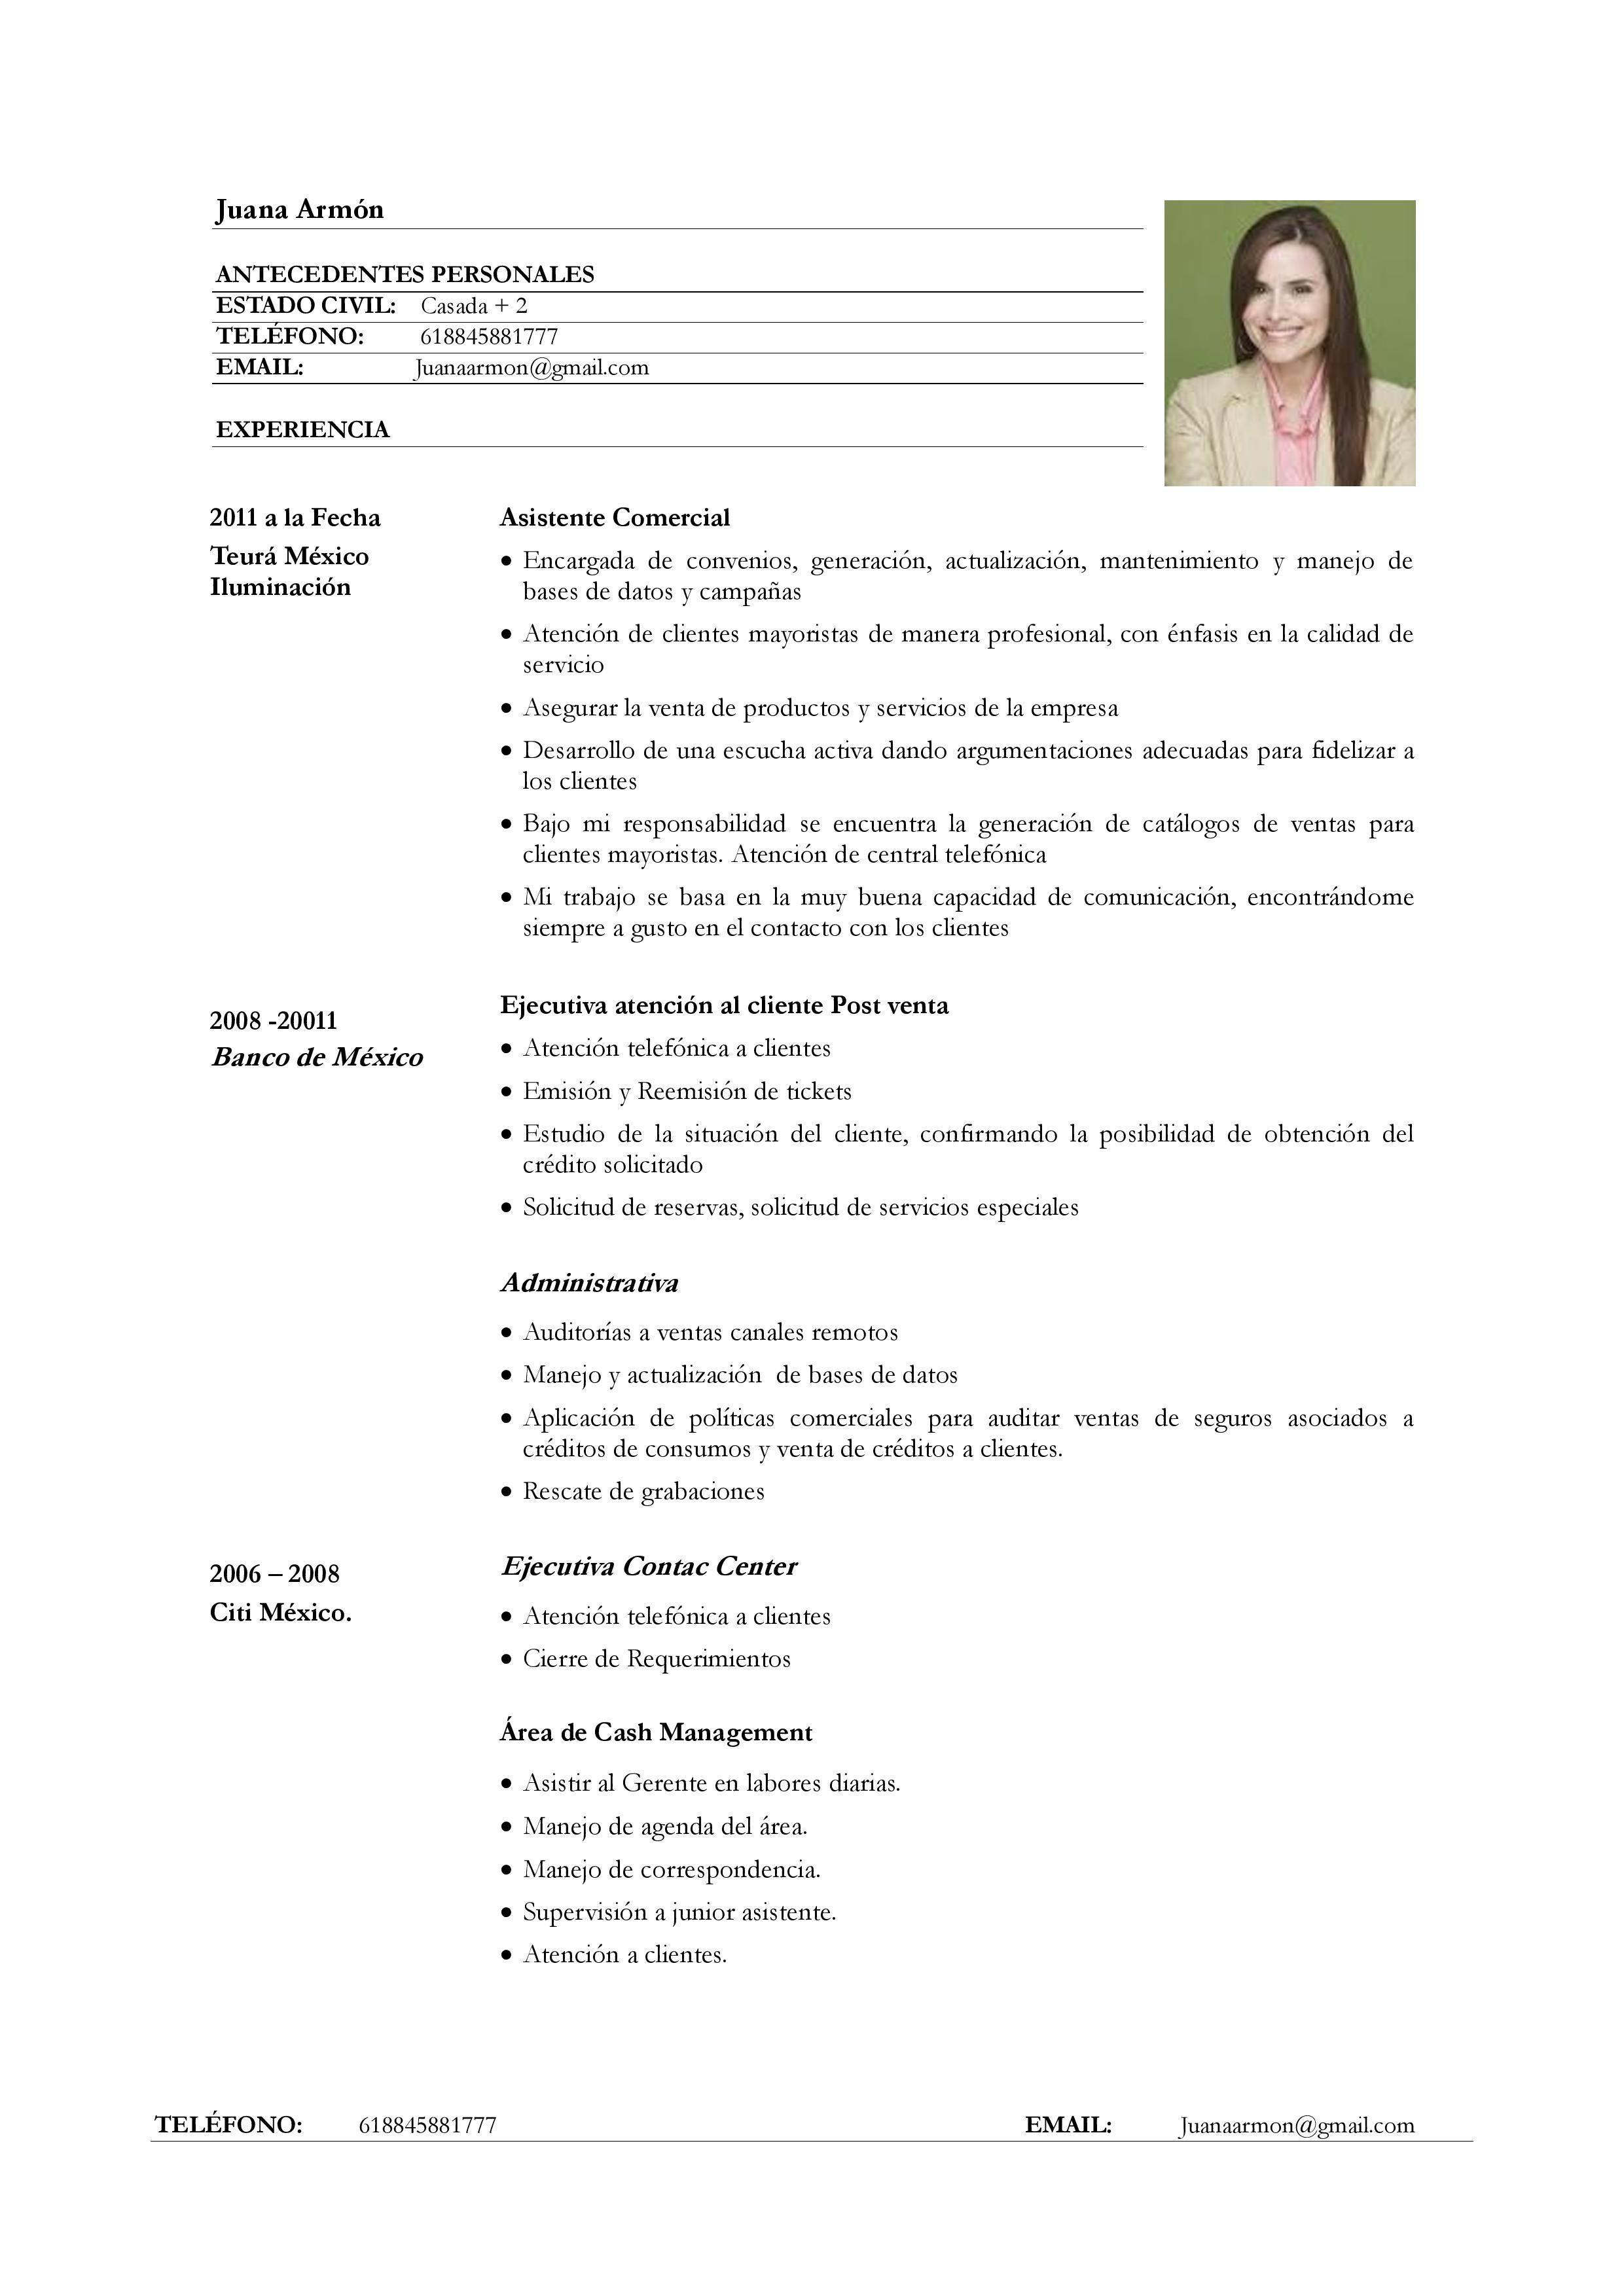 ejemplo de curr u00edculum vitae para servicio de atenci u00f3n al